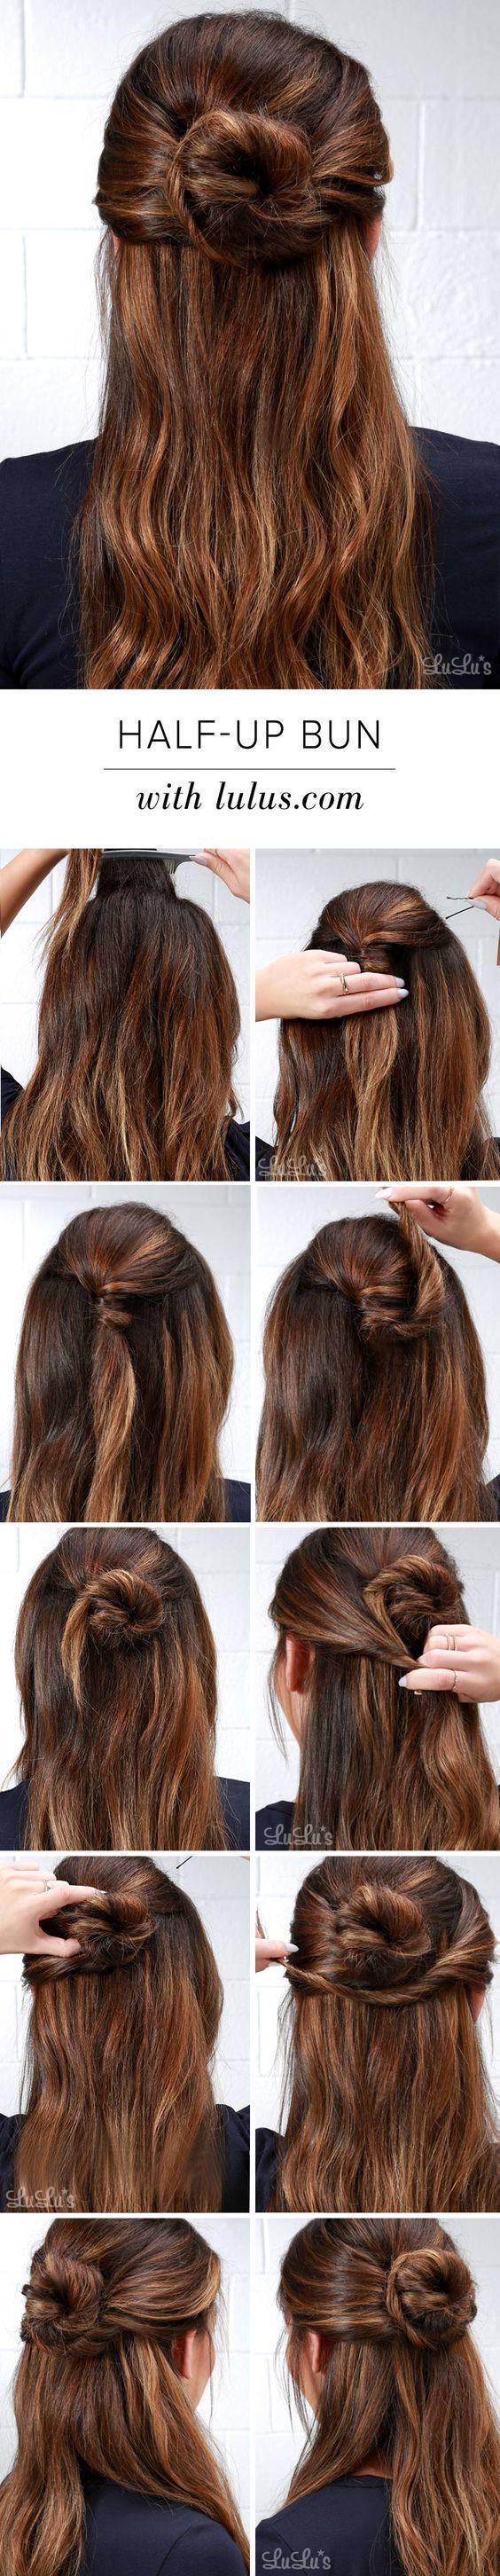 Simple easy step by step half up bun updo diy hairstyles